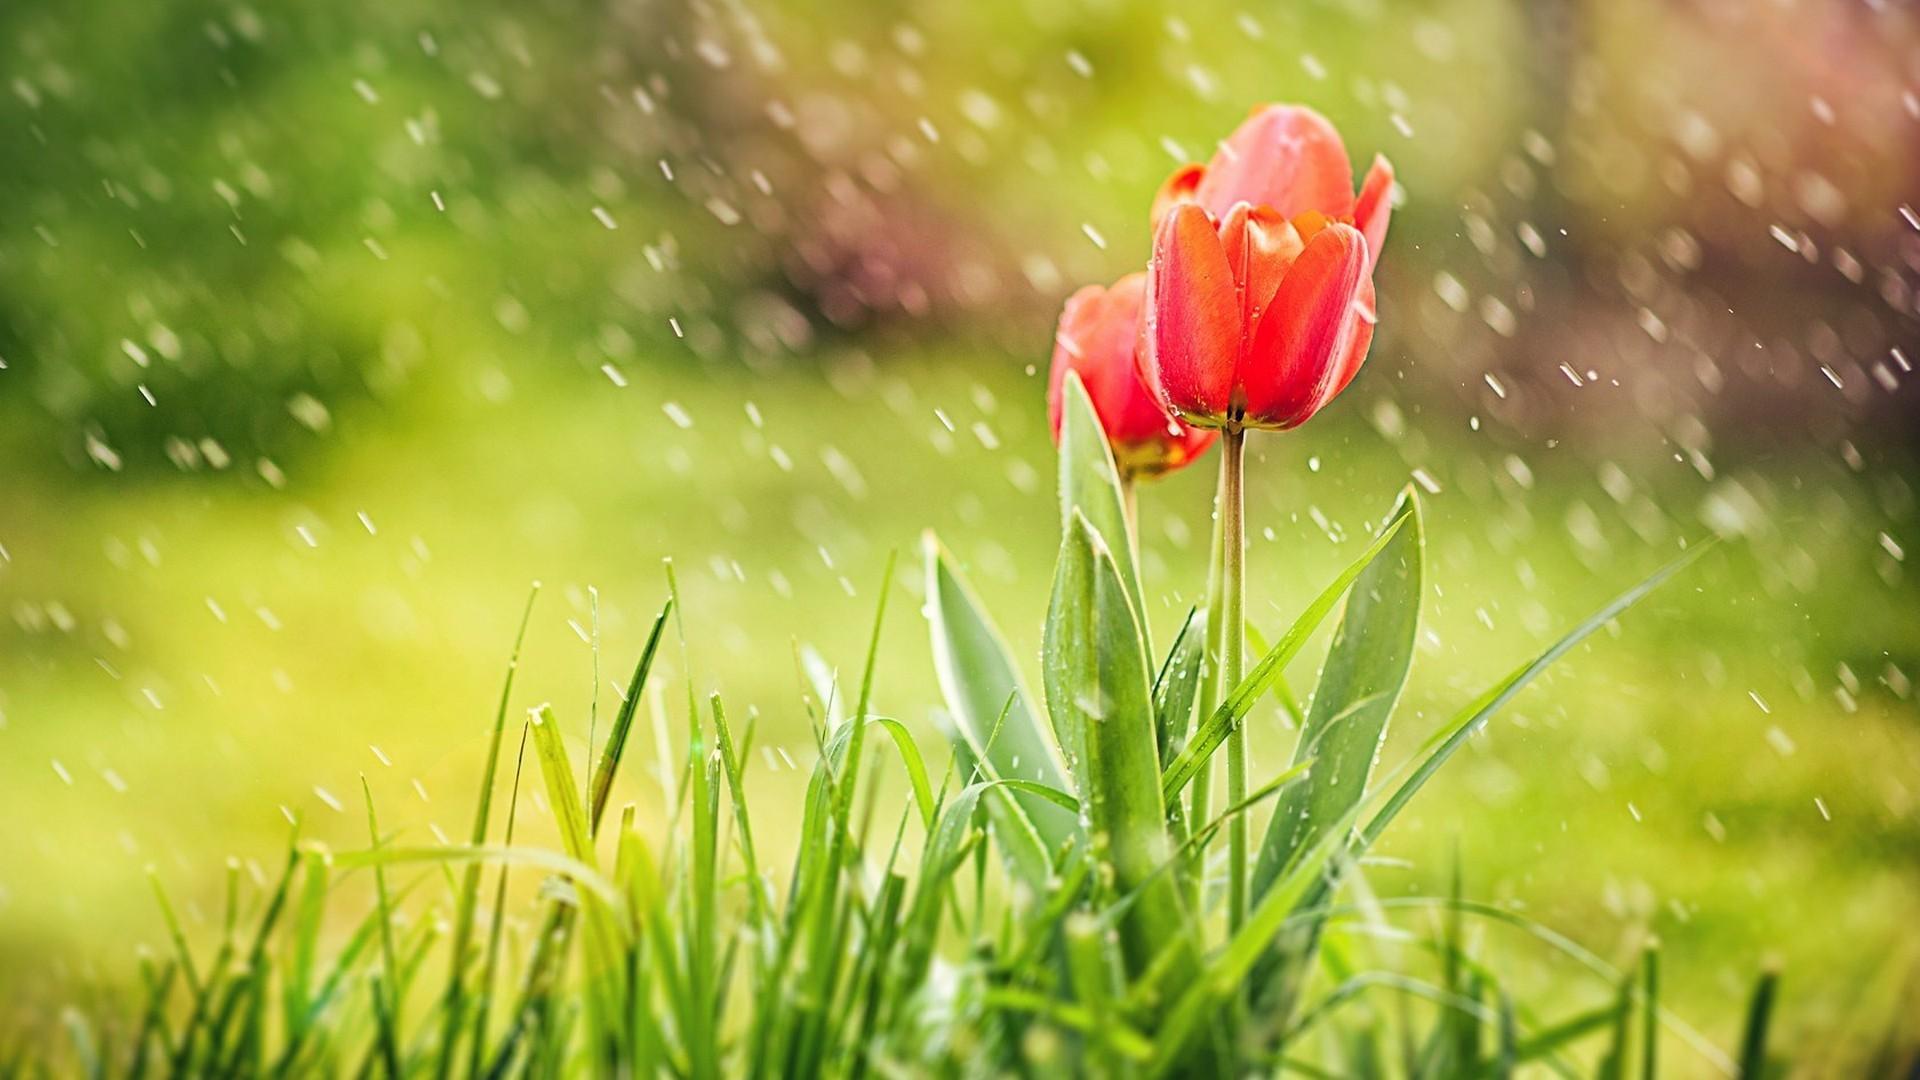 Tulips in Rain Hd Wallpaper